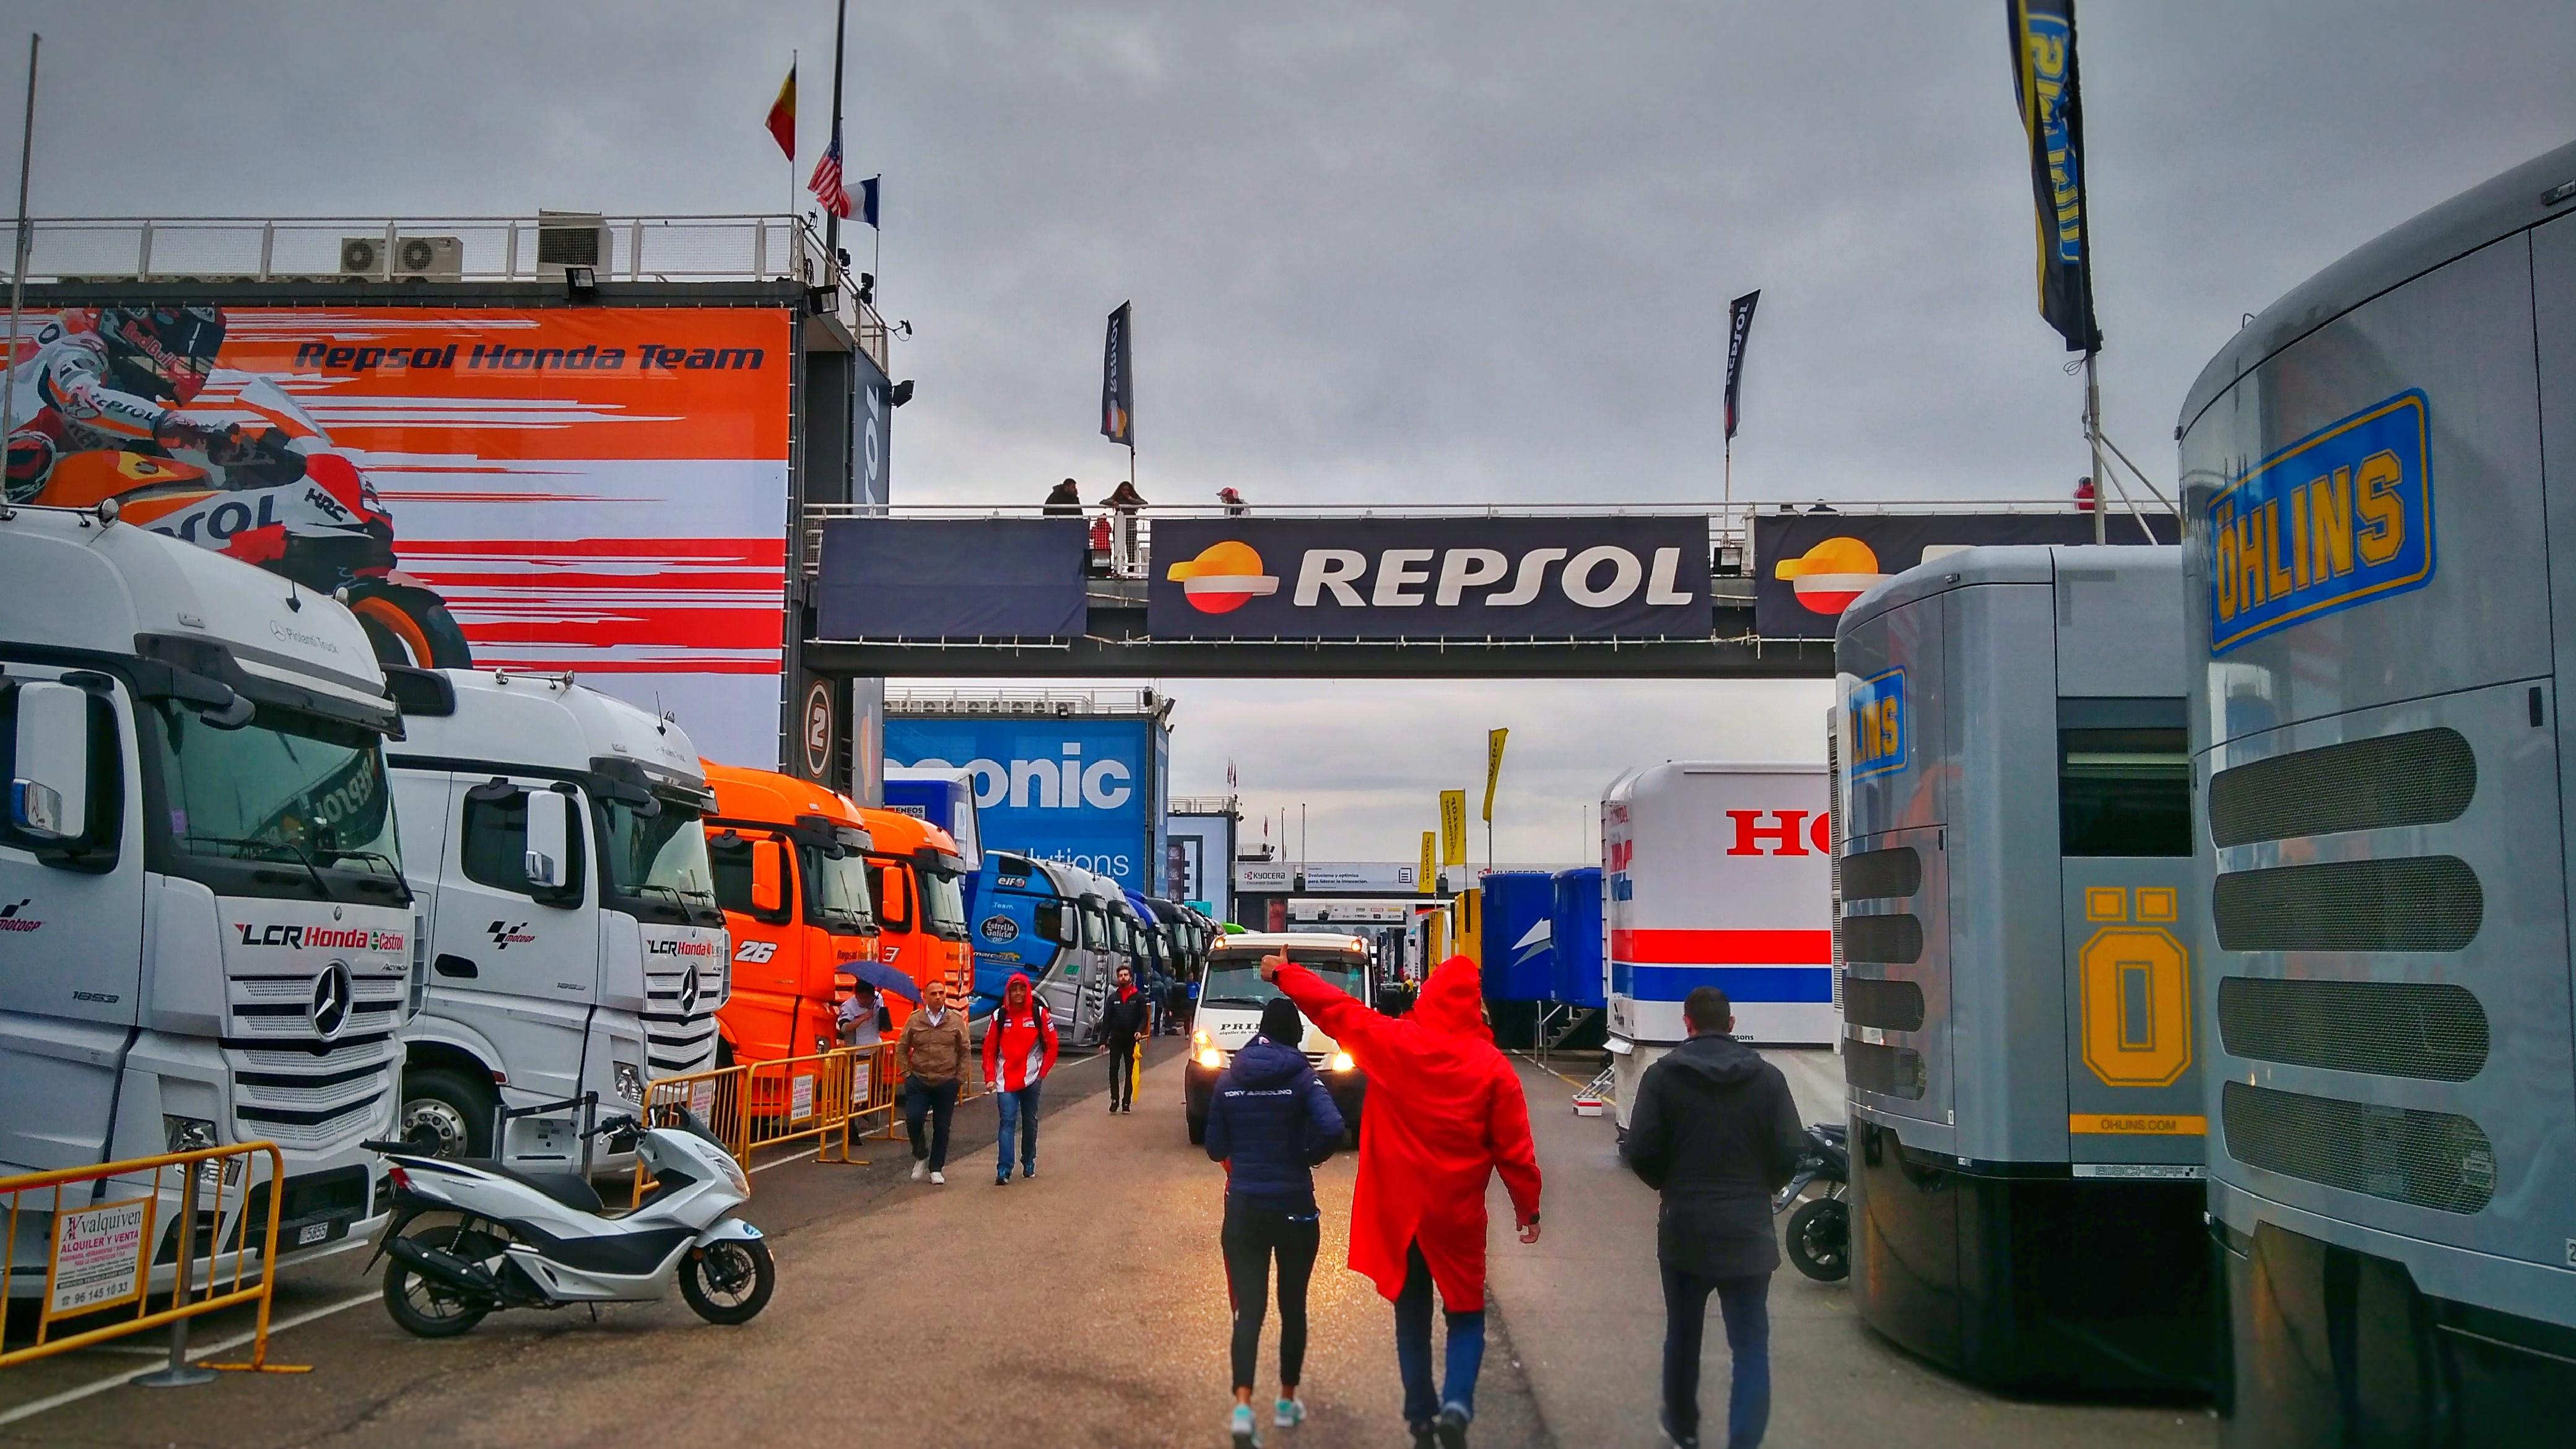 MotoGP GFX Tech Analisys OB Van